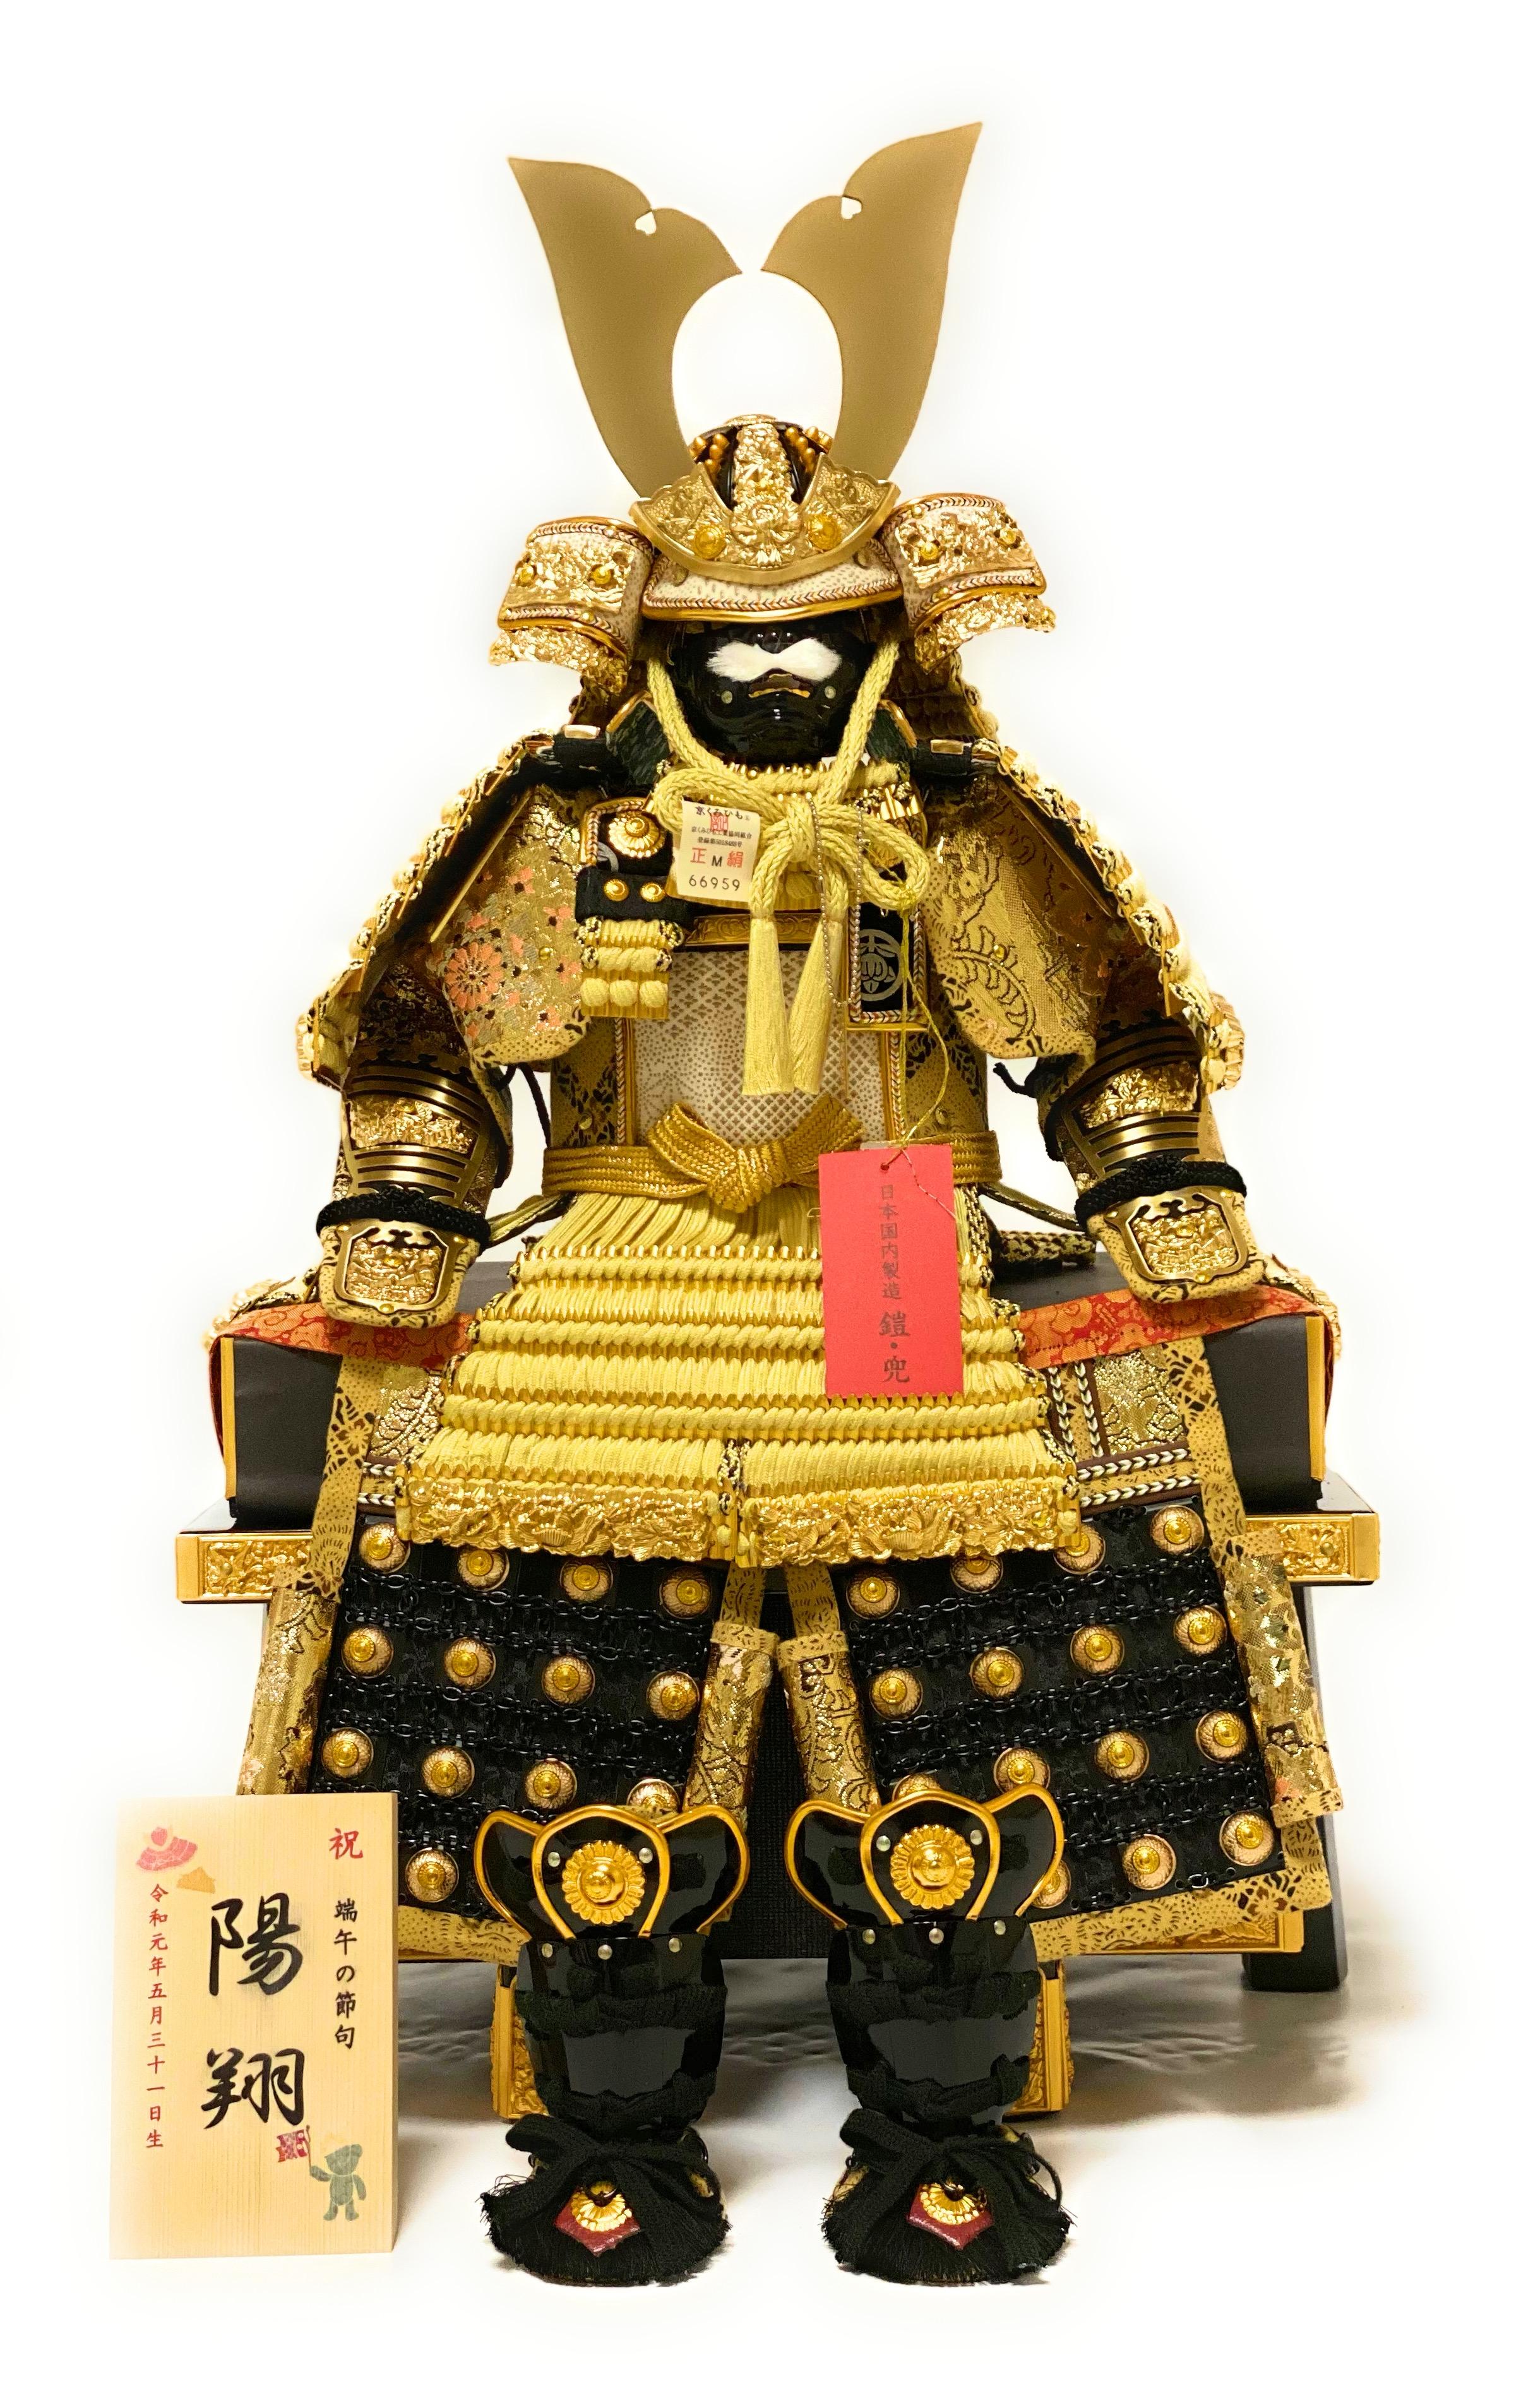 新商品 五月人形 鎧飾り 白鐘(しろがね)5号大鎧収納飾り | iichi ...